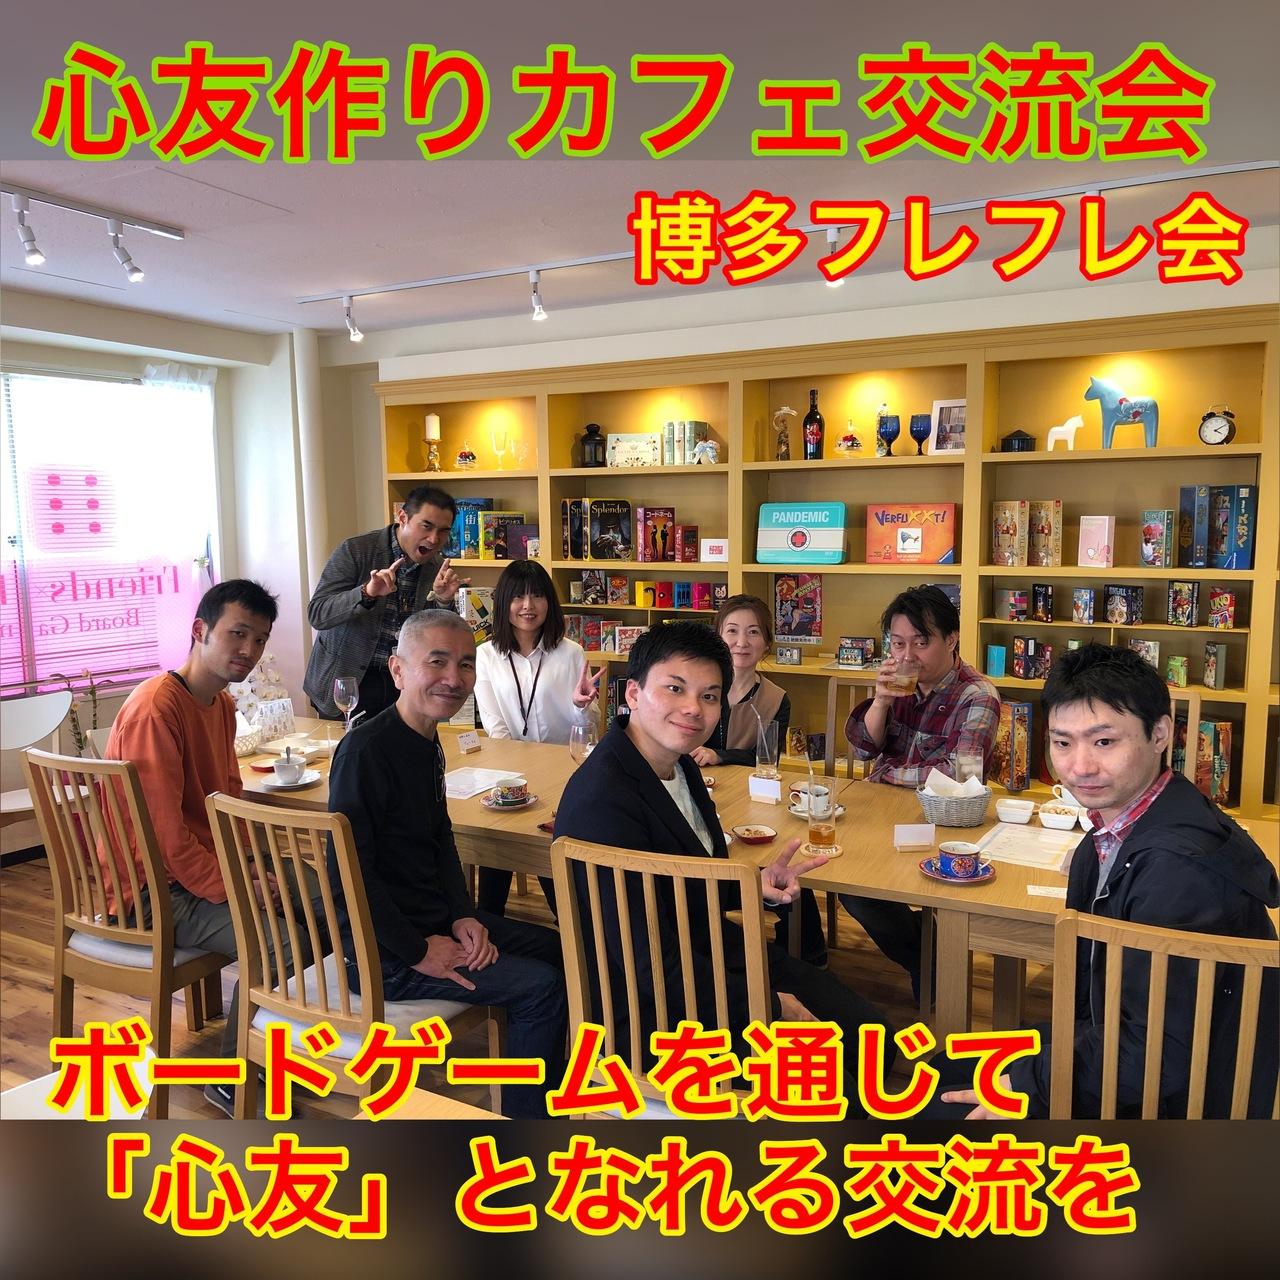 《第2回》心友作りカフェ交流会(博多フレフレ会)